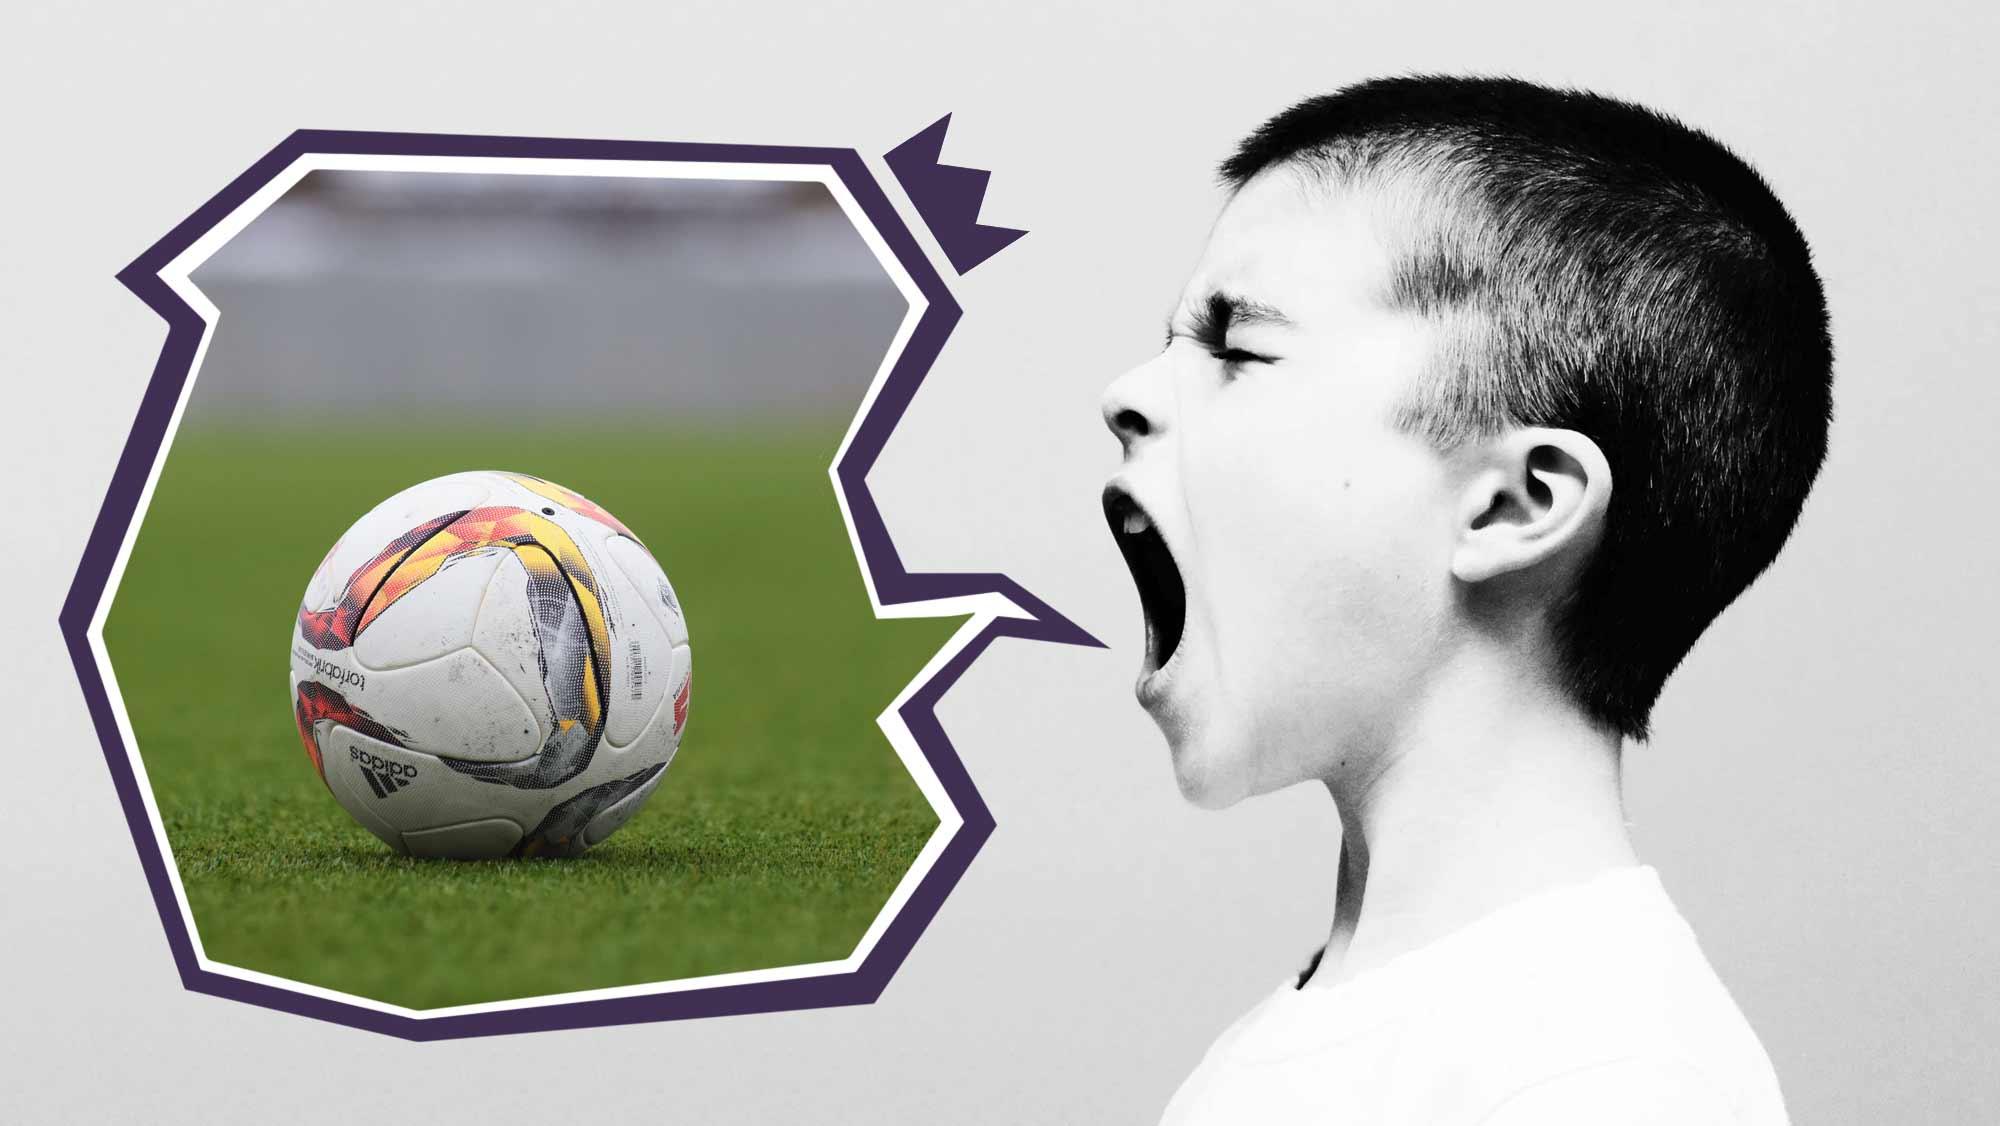 Alle Fußballspiele der Saison 2018/19 zu sehen ist ein Sport für sich